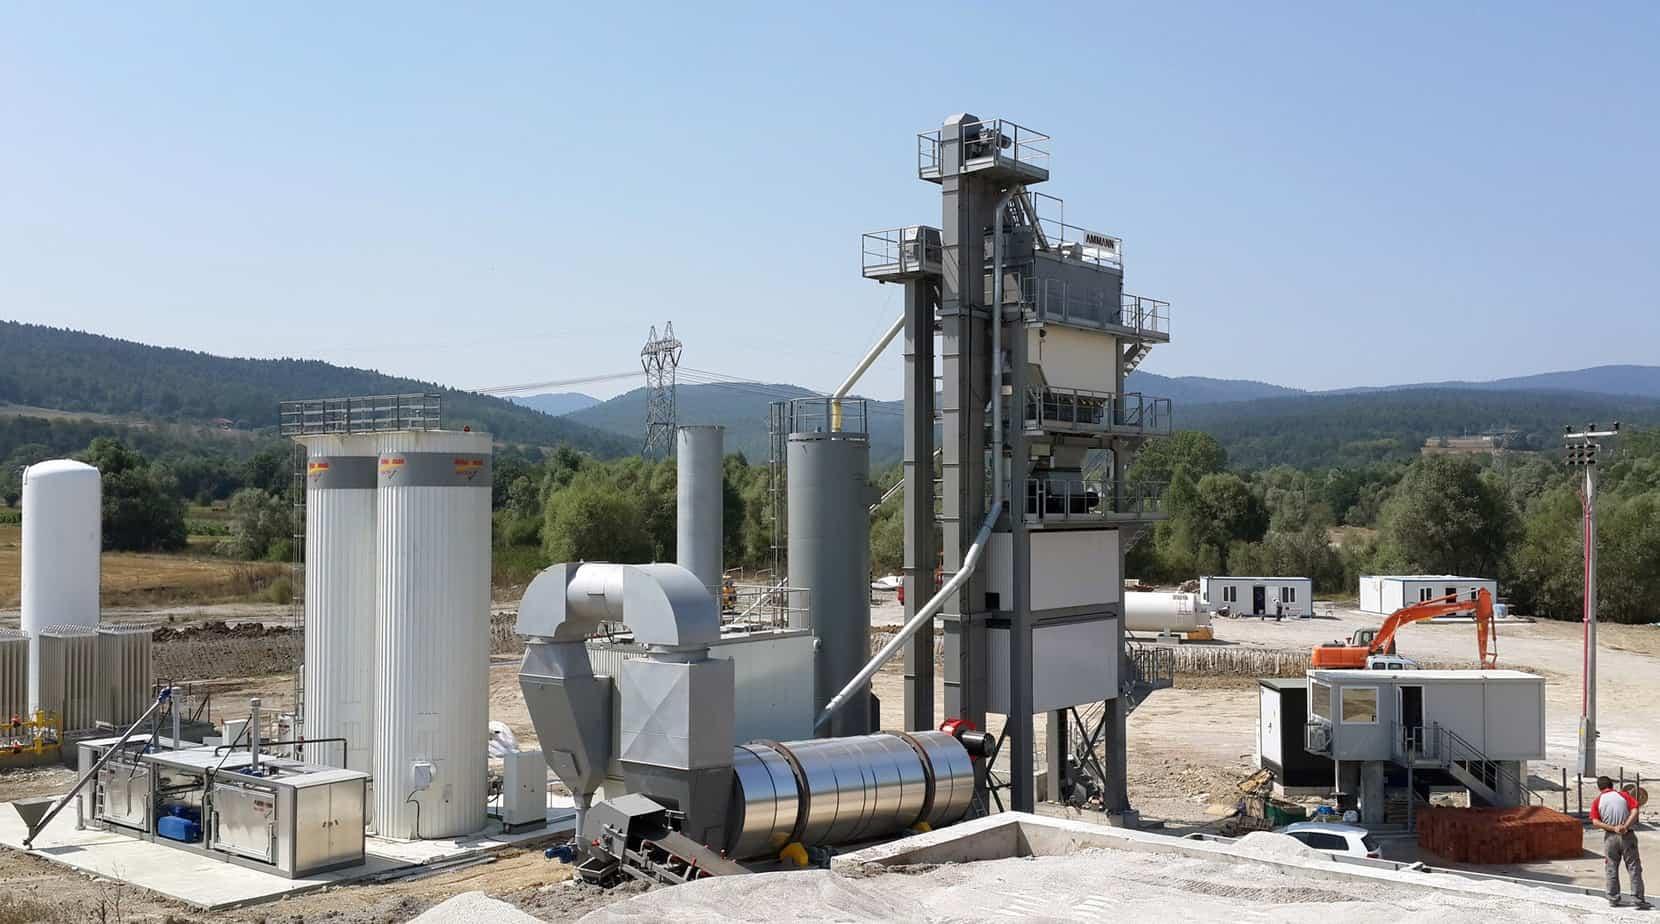 L'impianto UB 260 installato in Turchia